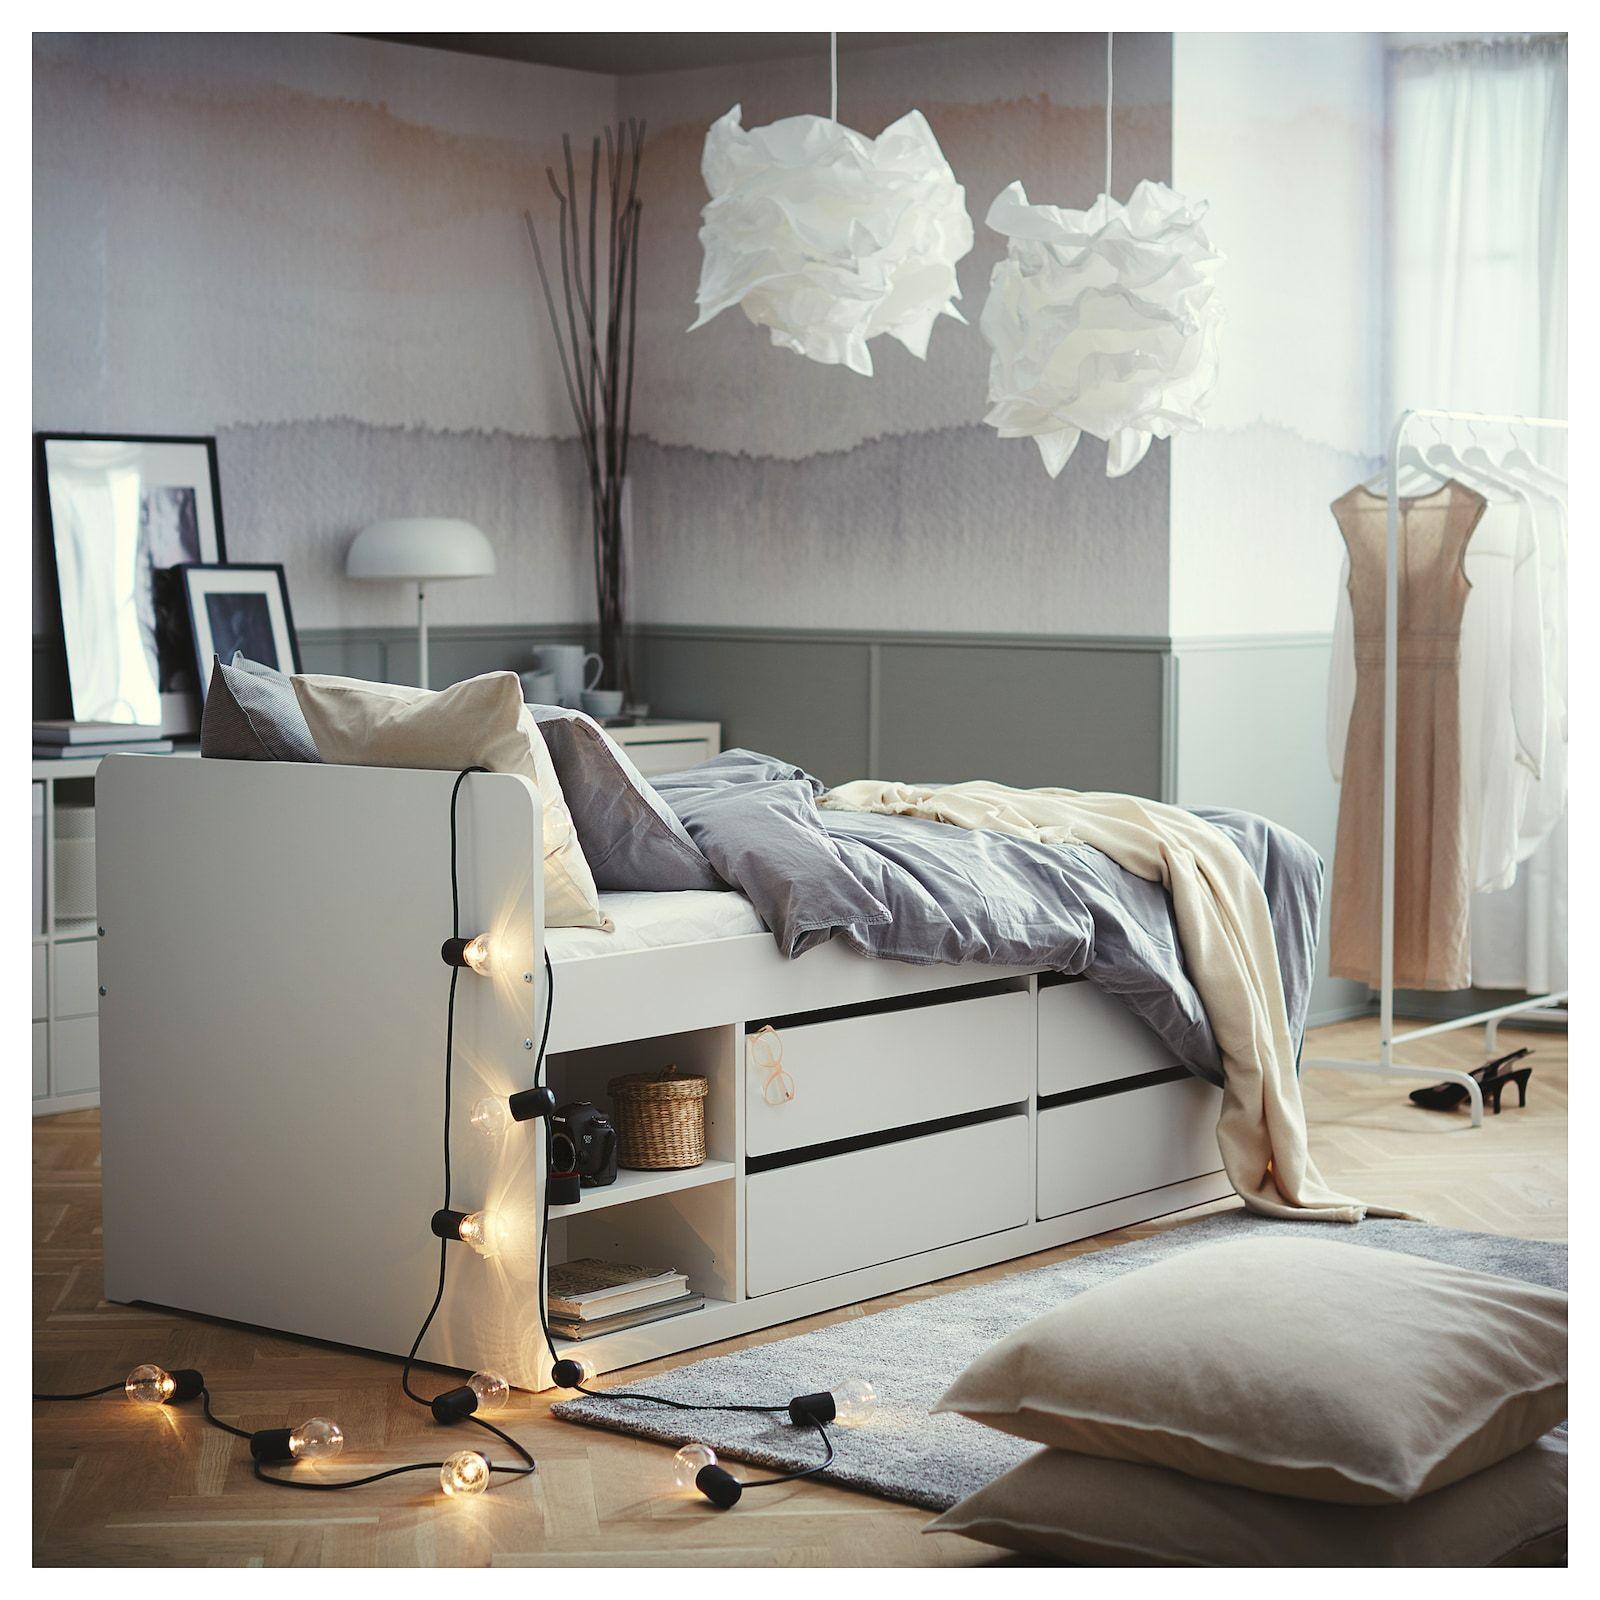 Slakt Bedframe Met Opberger Lattenbodem Wit 90x200 Cm Ikea In 2020 White Bed Frame Bed Frame Ikea Bed Frames